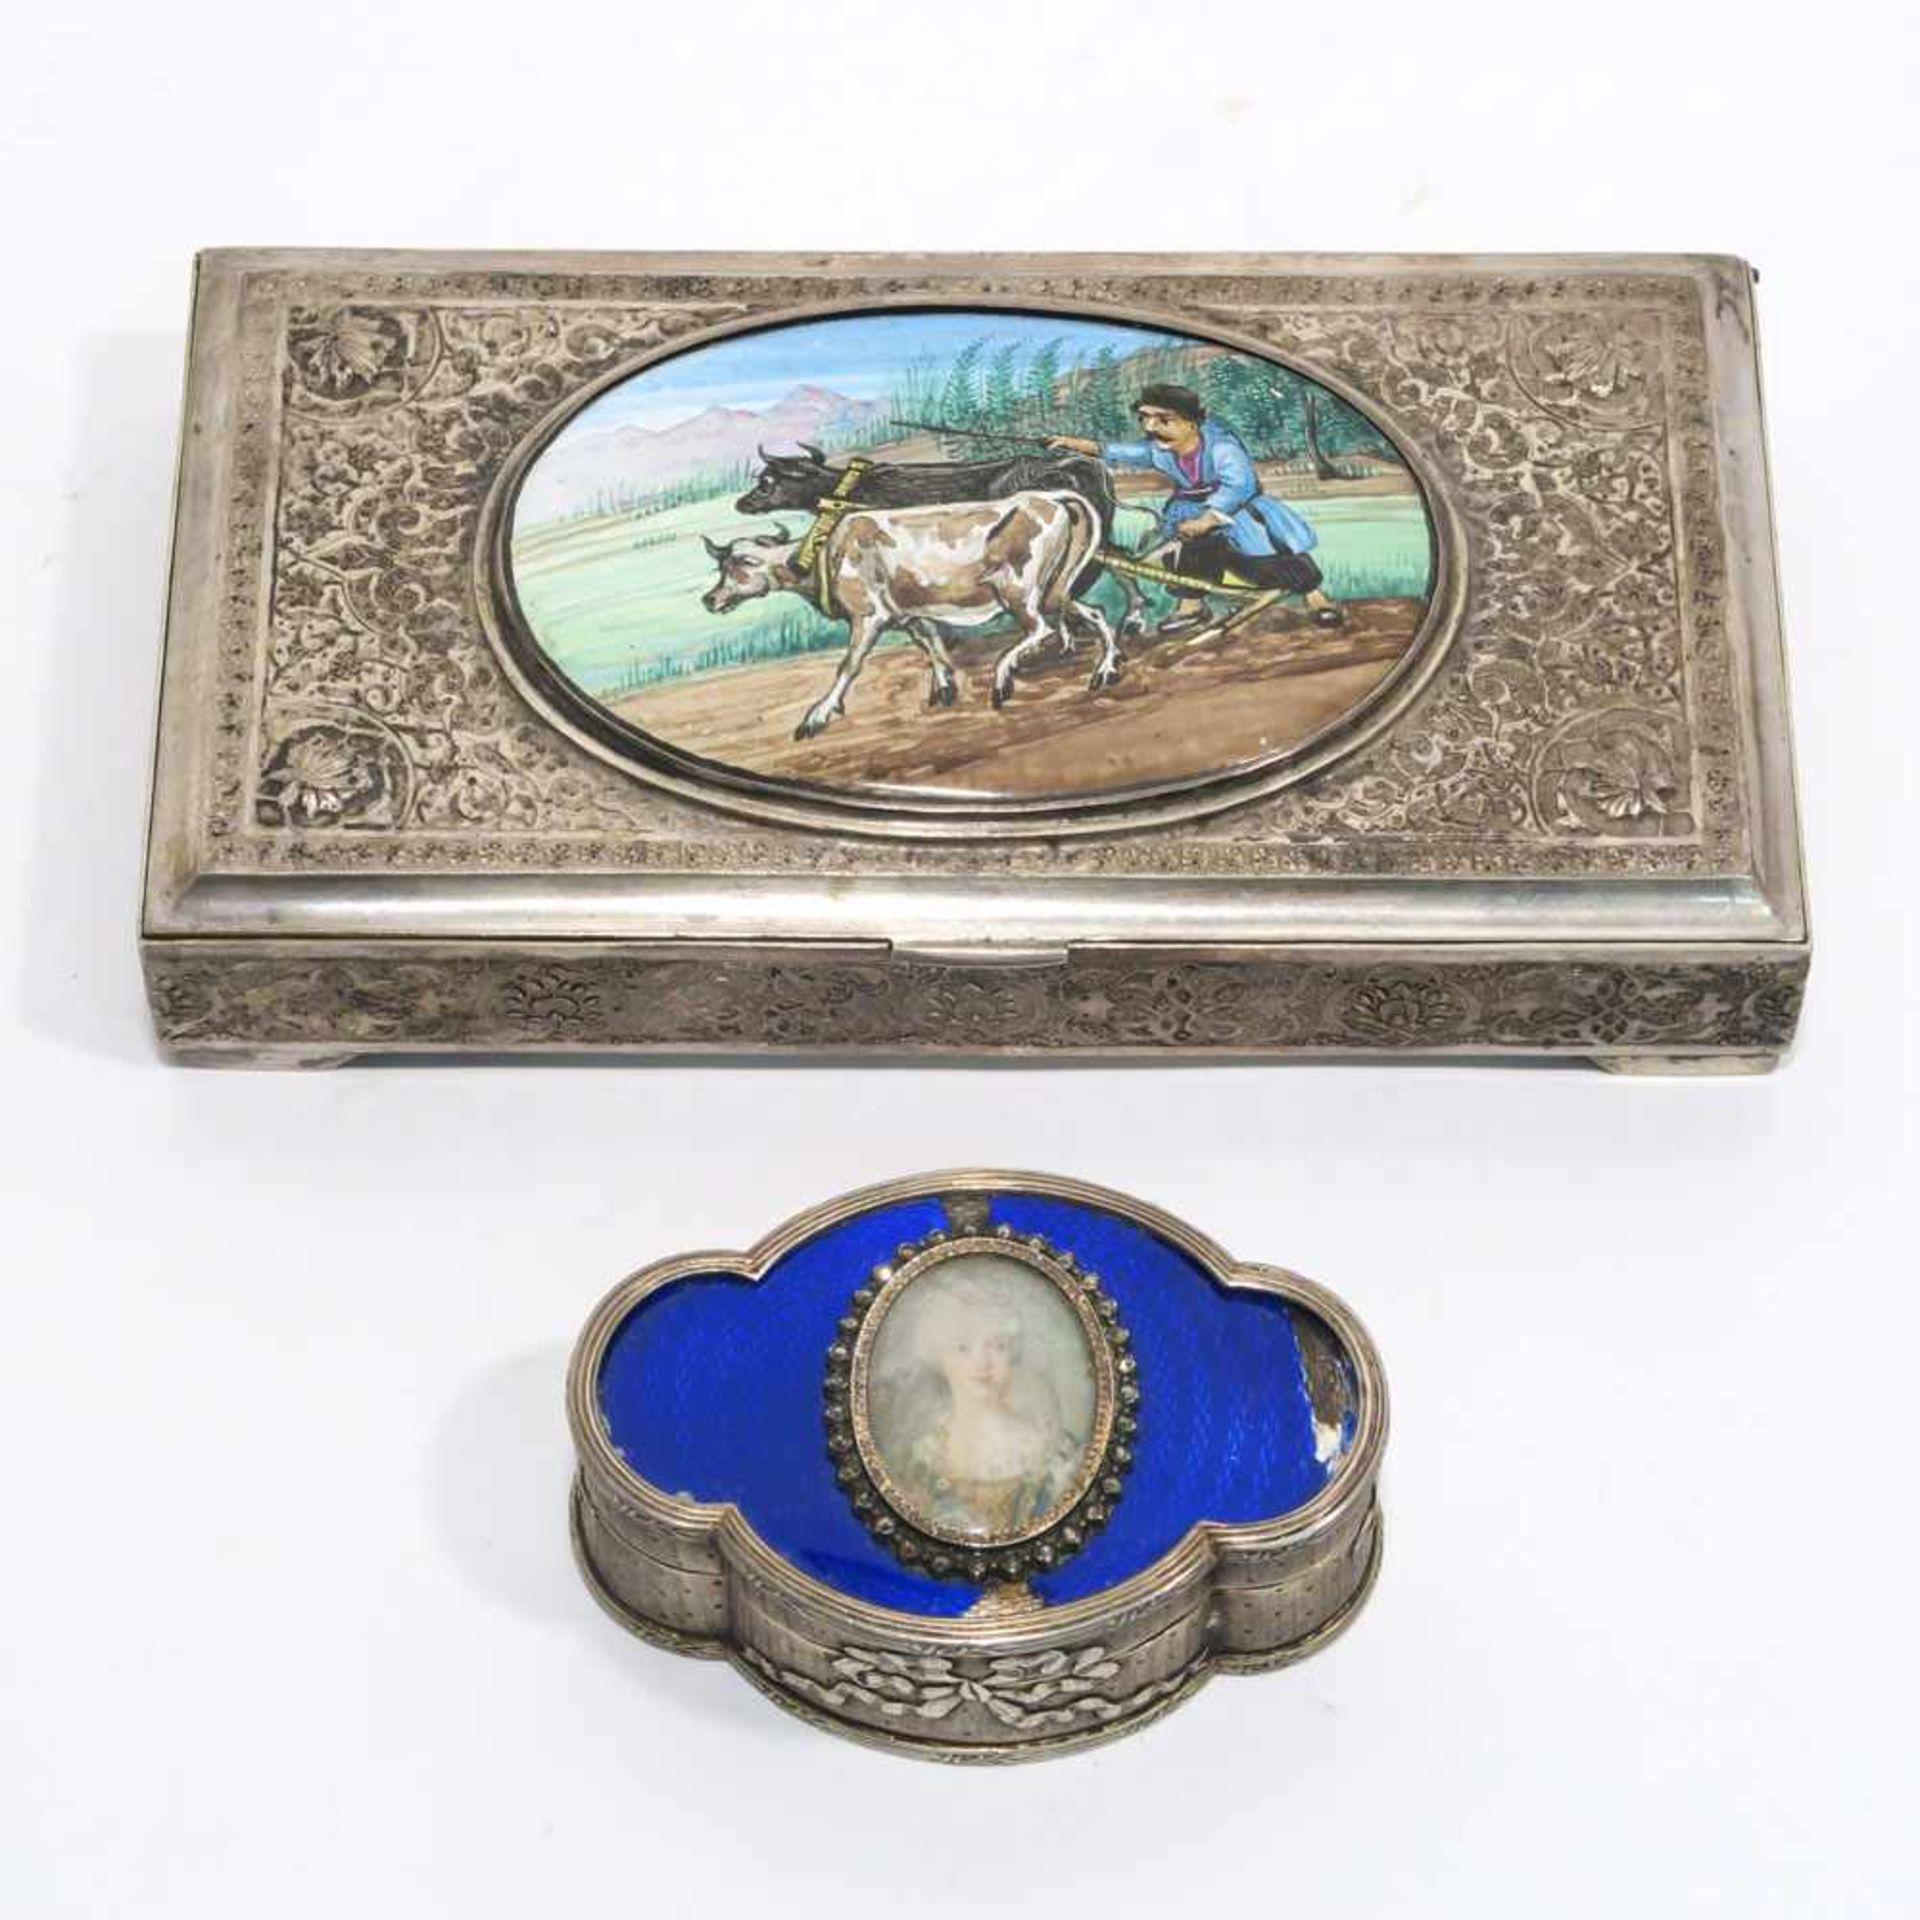 Los 25 - Zwei DosenFrankreich bzw. Vorderer Orient, wohl Persien. Silber, innen vergoldet. Ovale, passig